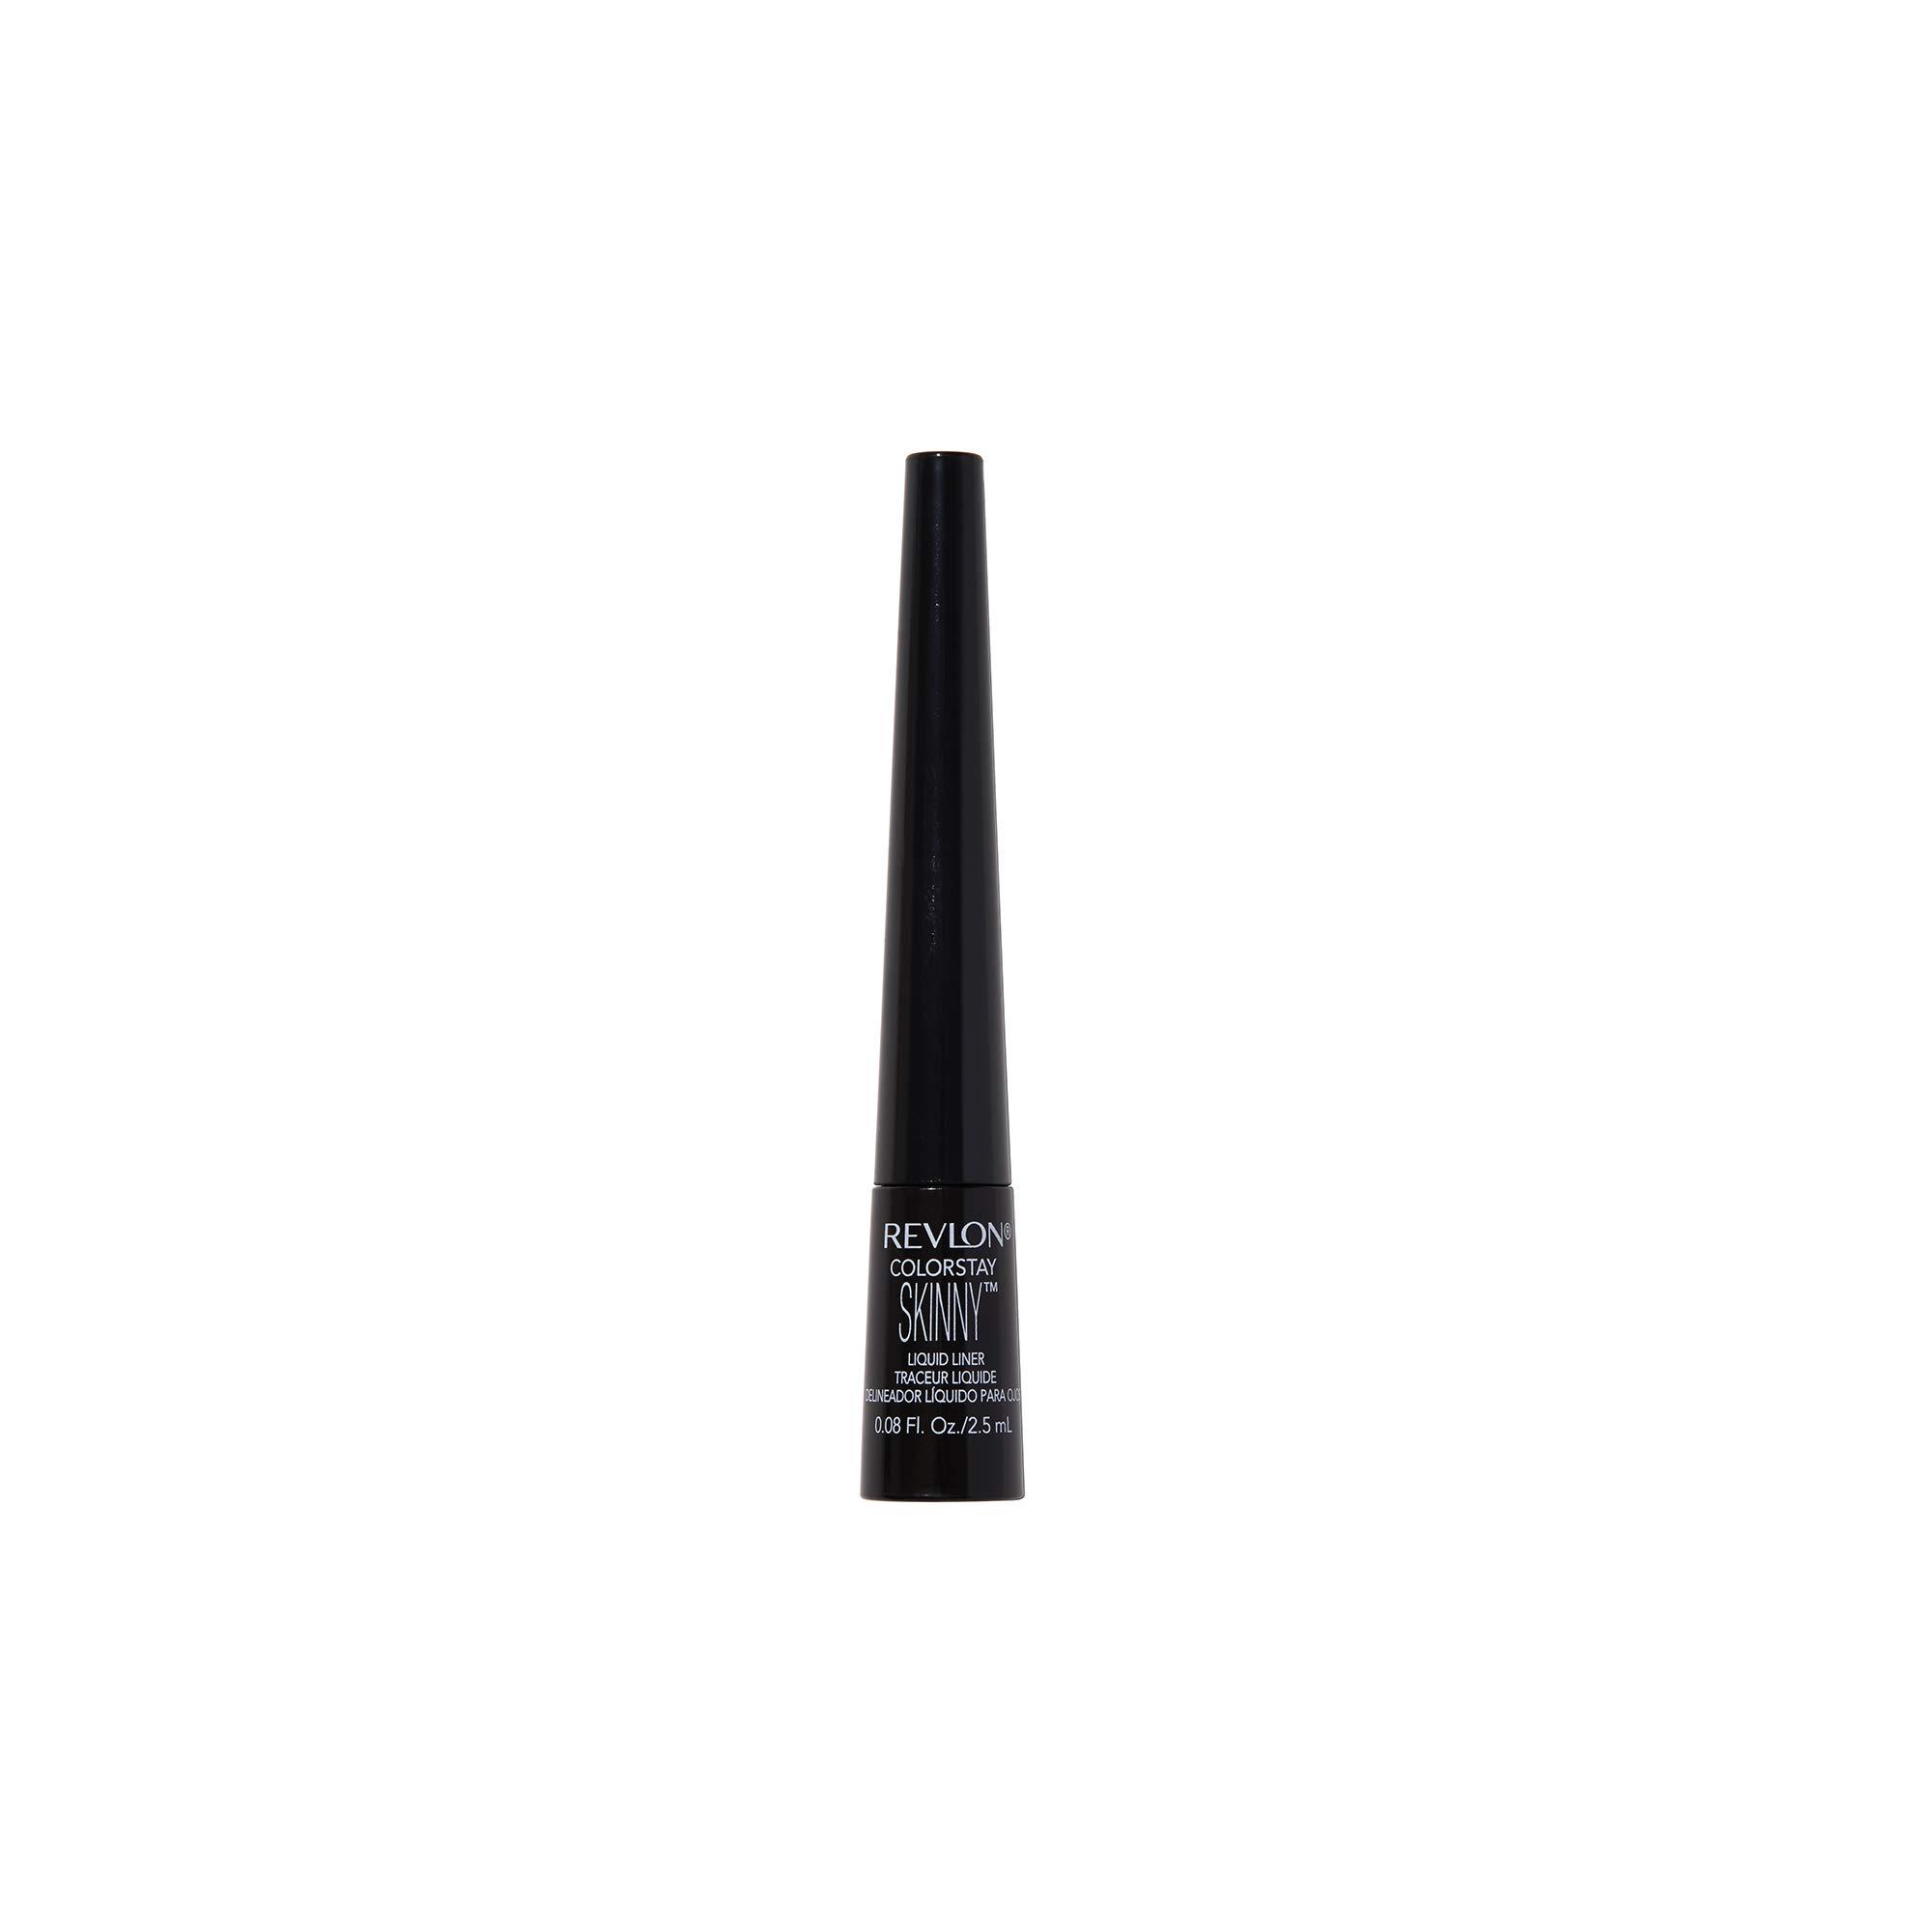 REVLON ColorStay Skinny Liquid Eyeliner, Waterproof, Smudgeproof, Longwearing Eye Makeup with Ultra-Fine Tip, Black Out (301)